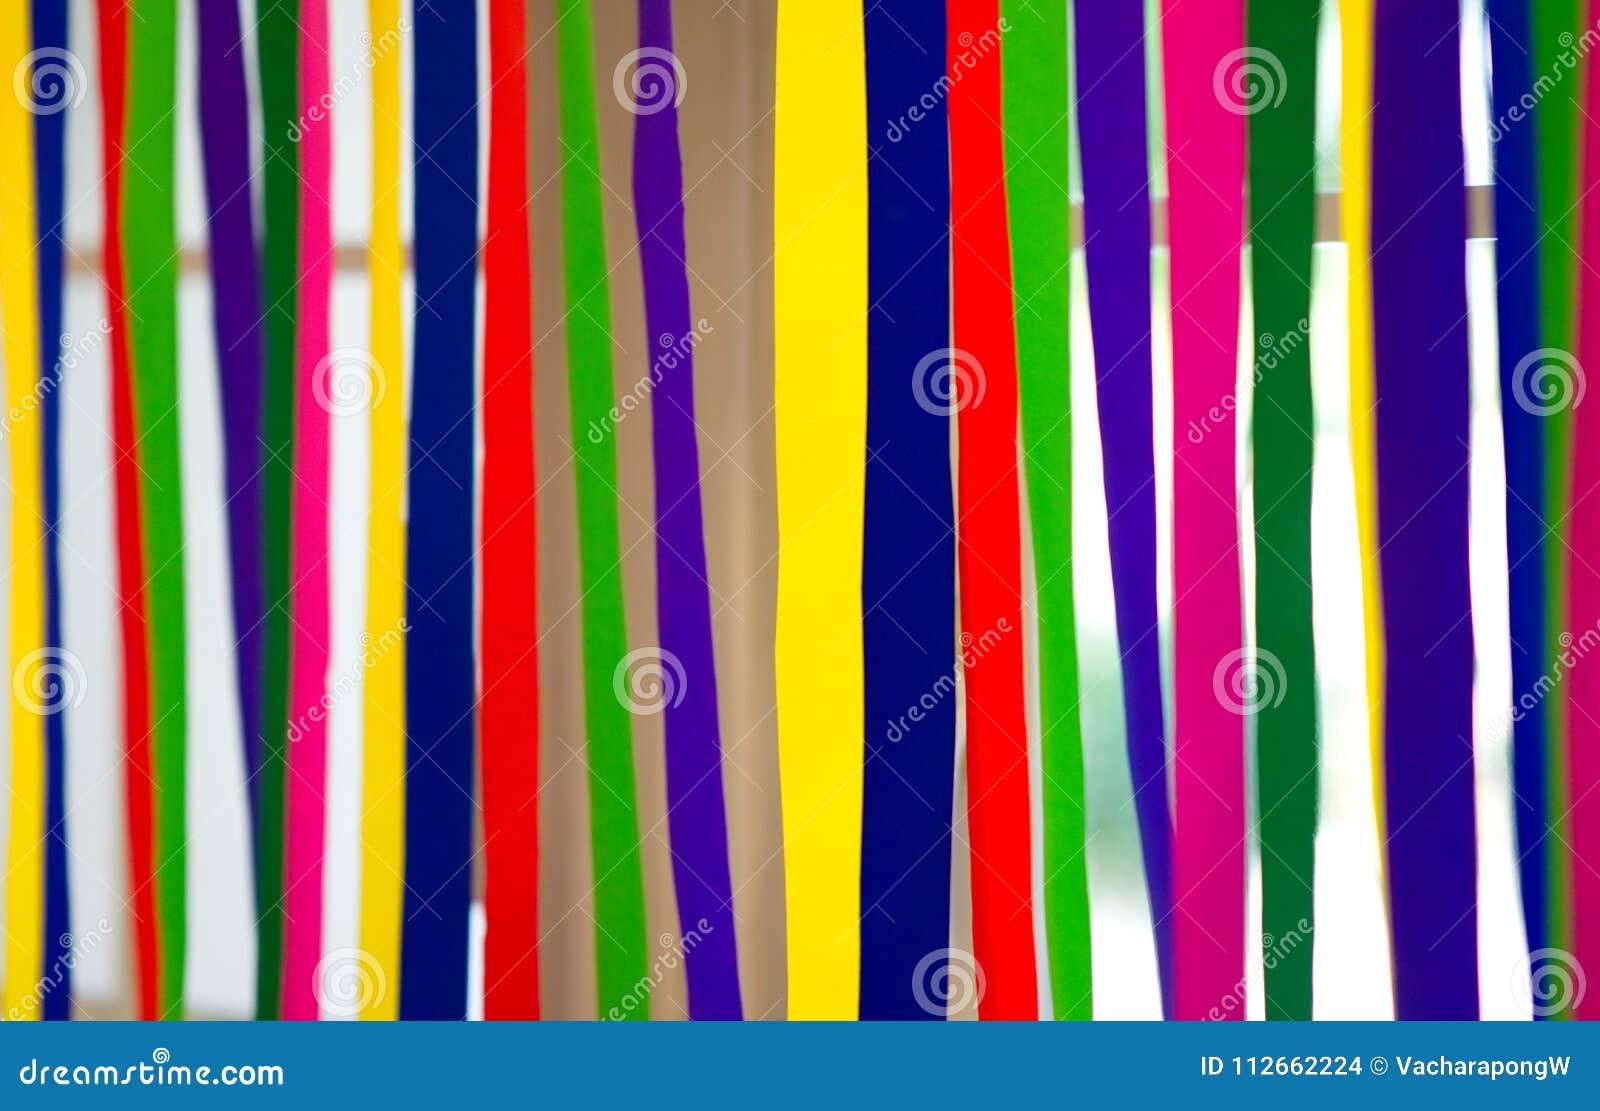 Τα ζωηρόχρωμα λωρίδες εγγράφου κρεμούν στο παράθυρο με το φυσικό φως backgr